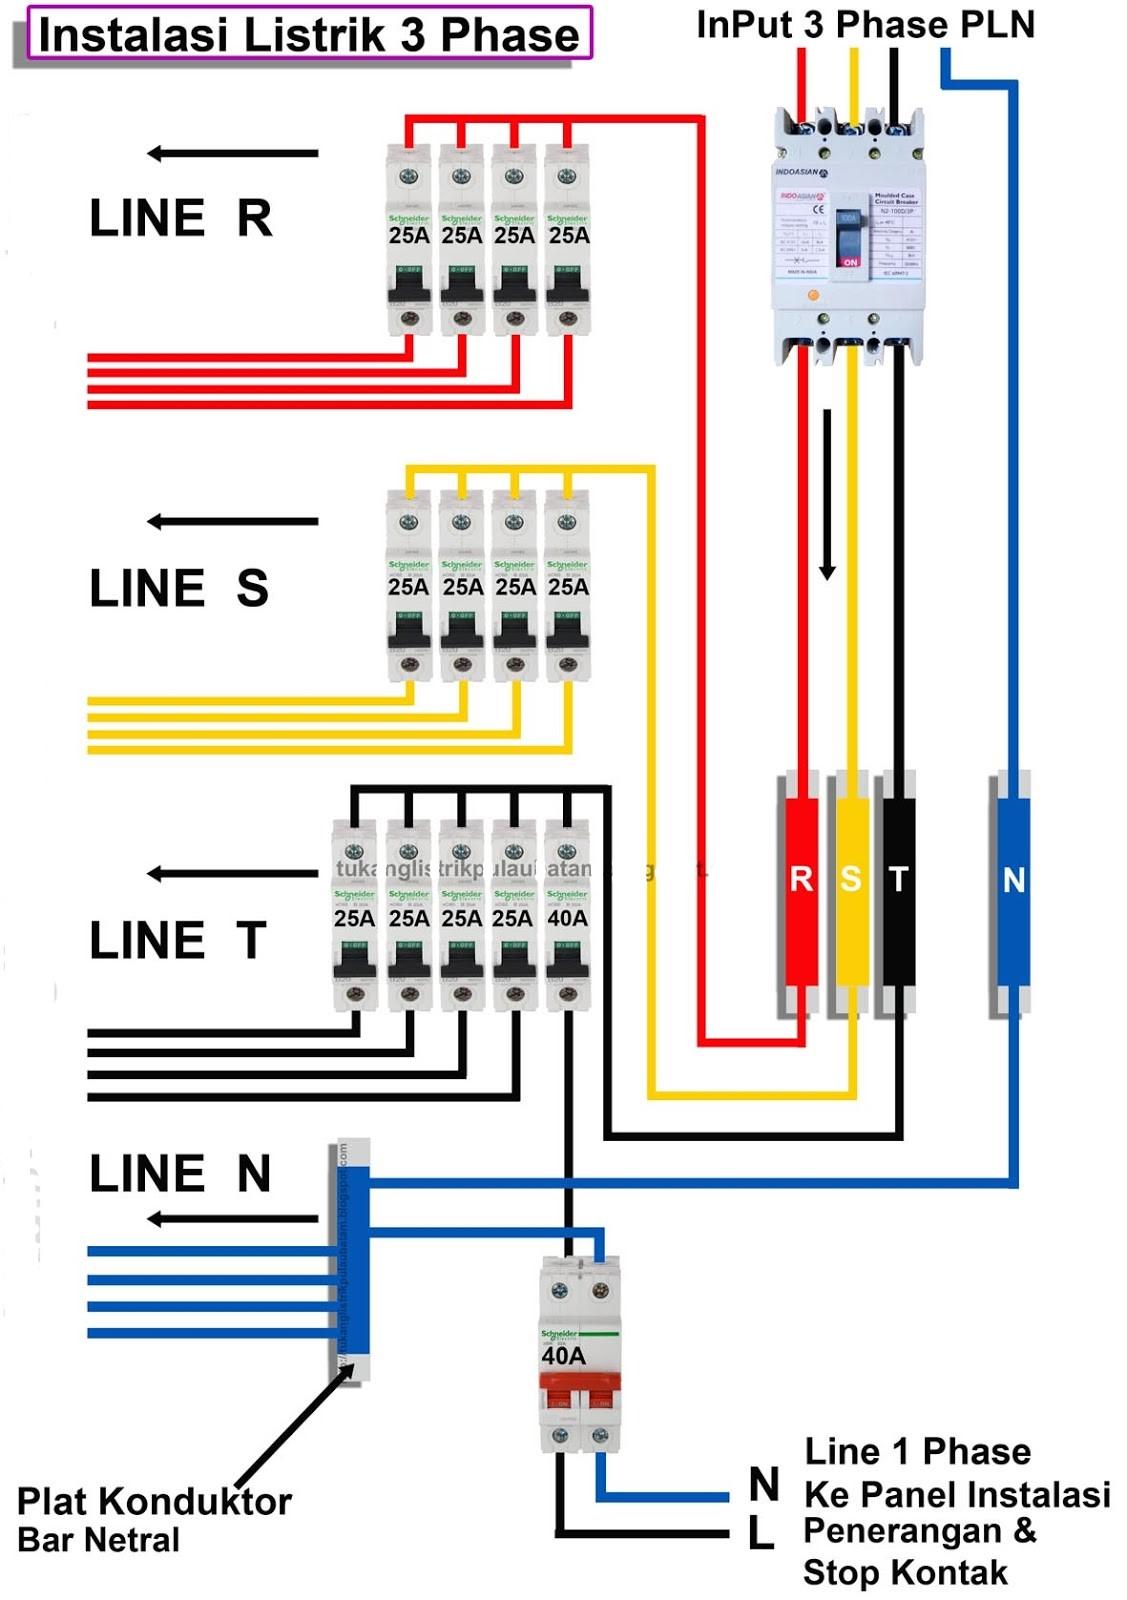 medium resolution of panel listrik 3 phase download tabel baja wiring diagram panel listrik 3 phase